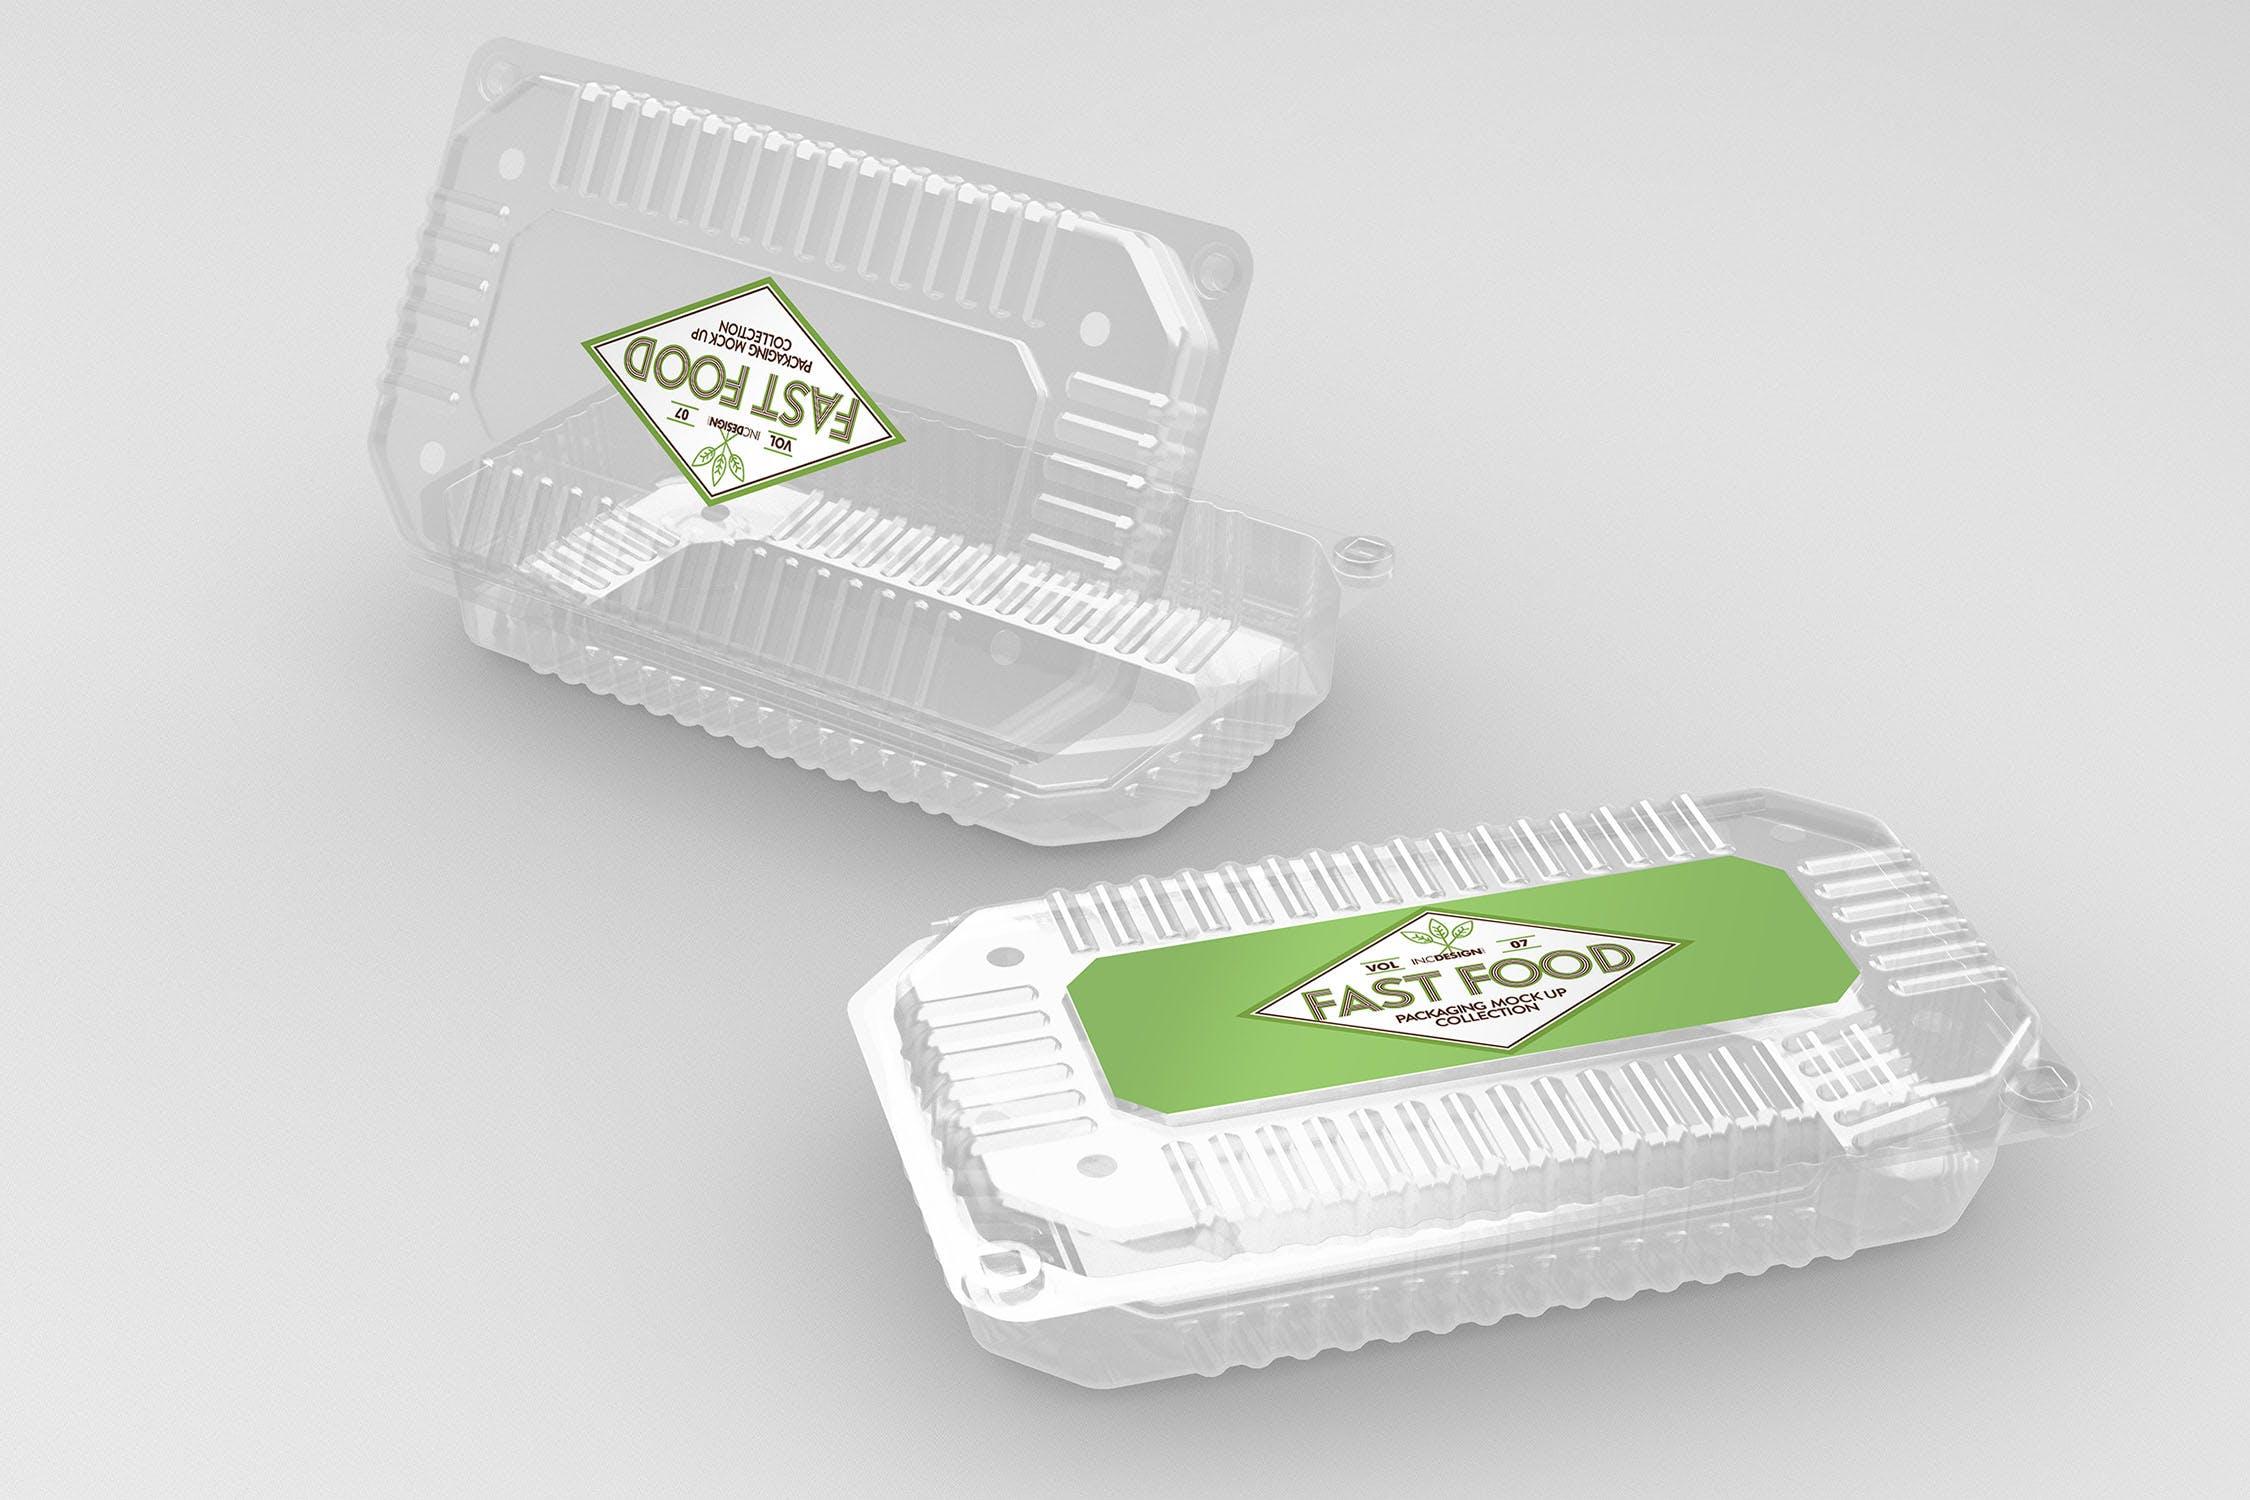 多品类快餐盒  甜点模板样机素材展示Fast Food Boxes Vol 7 Take Out Packaging Mockups插图(2)